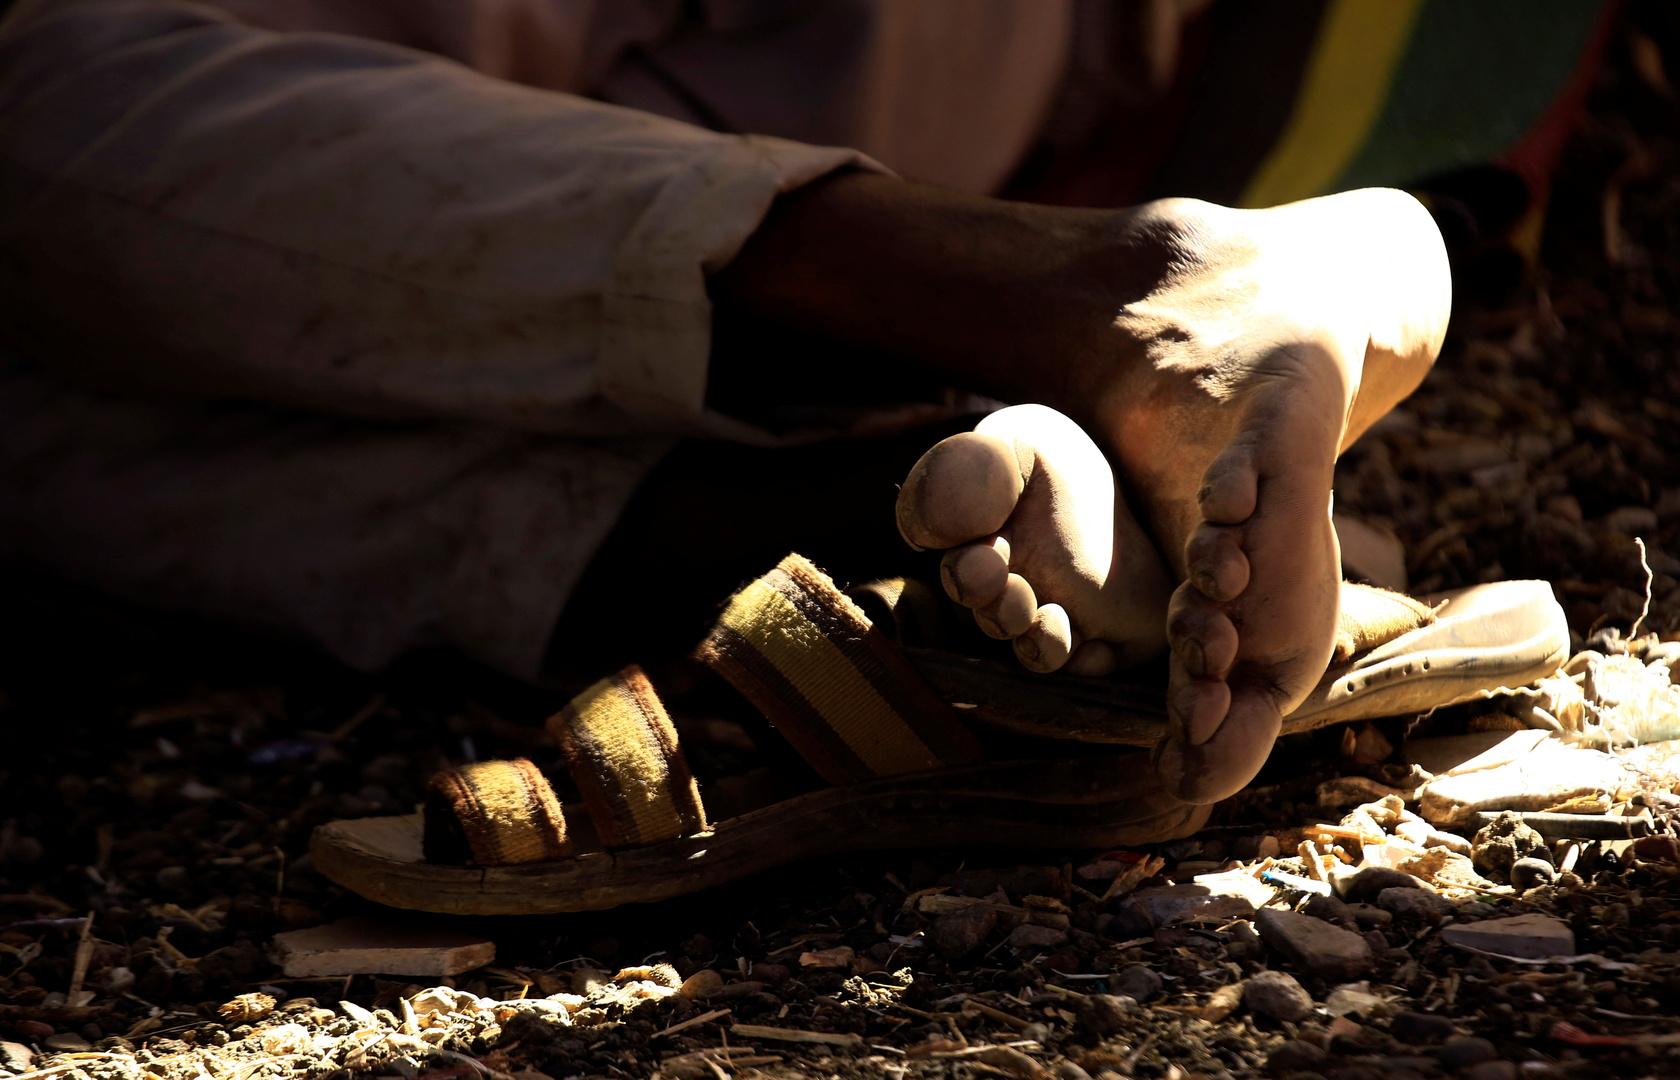 جريمة بشعة تهز المجتمع السوداني.. الإعدام لمغتصب ابنته وإنجابها منه!